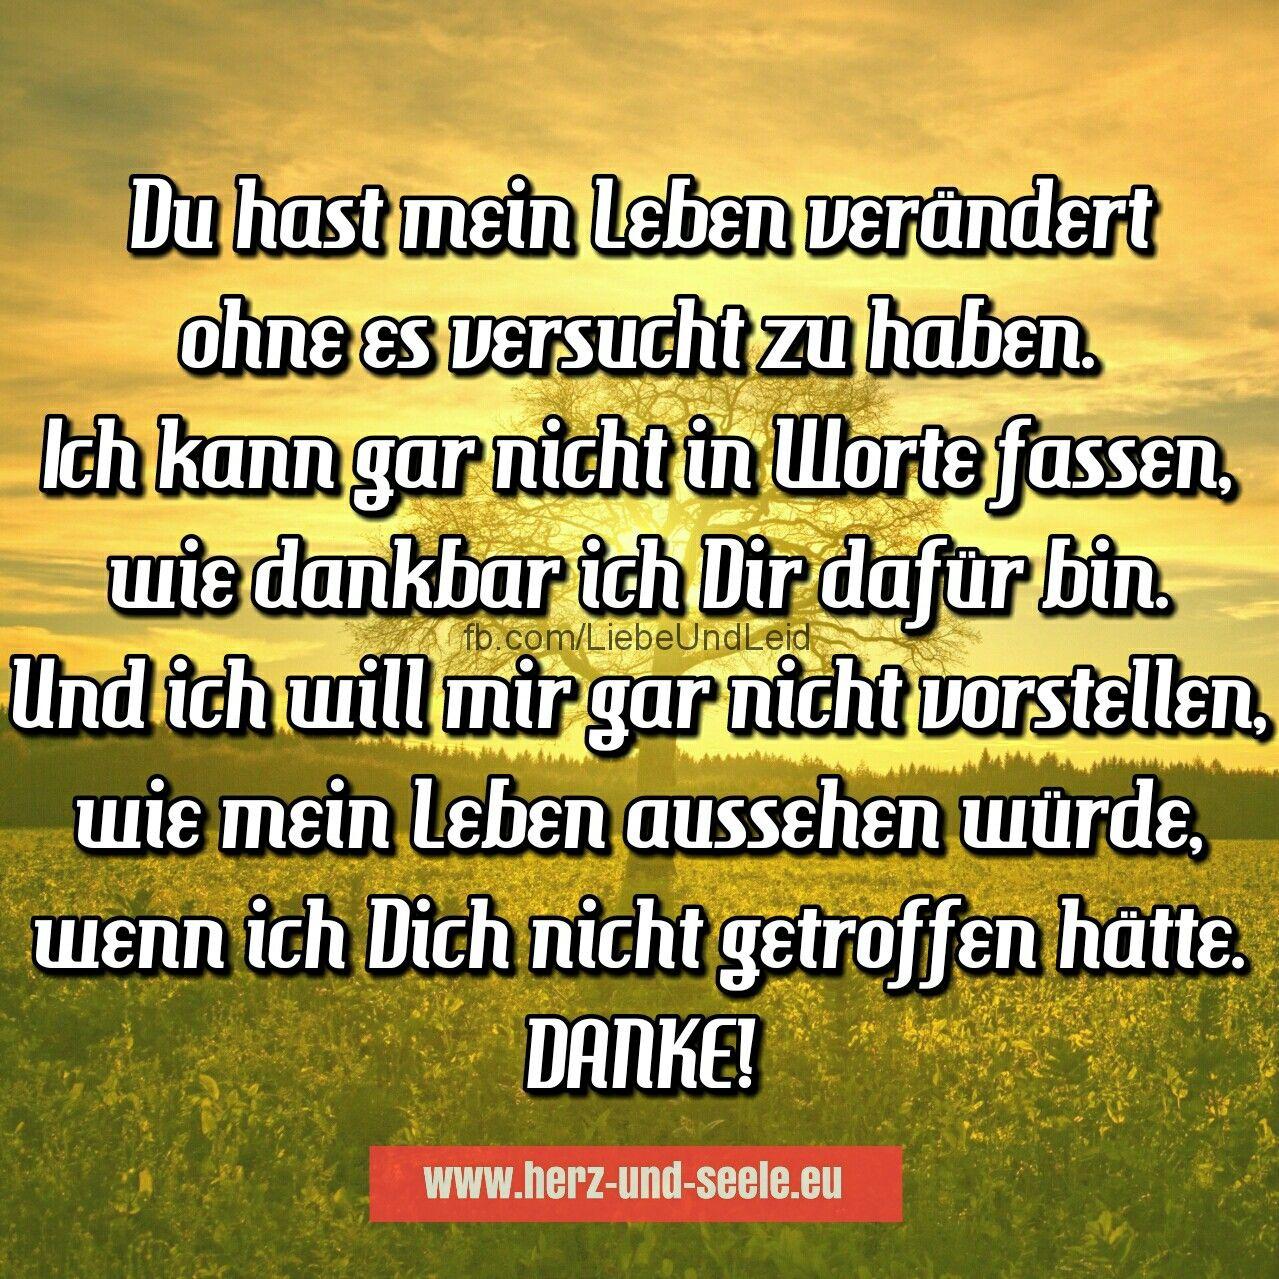 herz-und-seele.eu | Du hast mein Leben verändert… | Gedichte und sprüche, Sprüche, Zitate